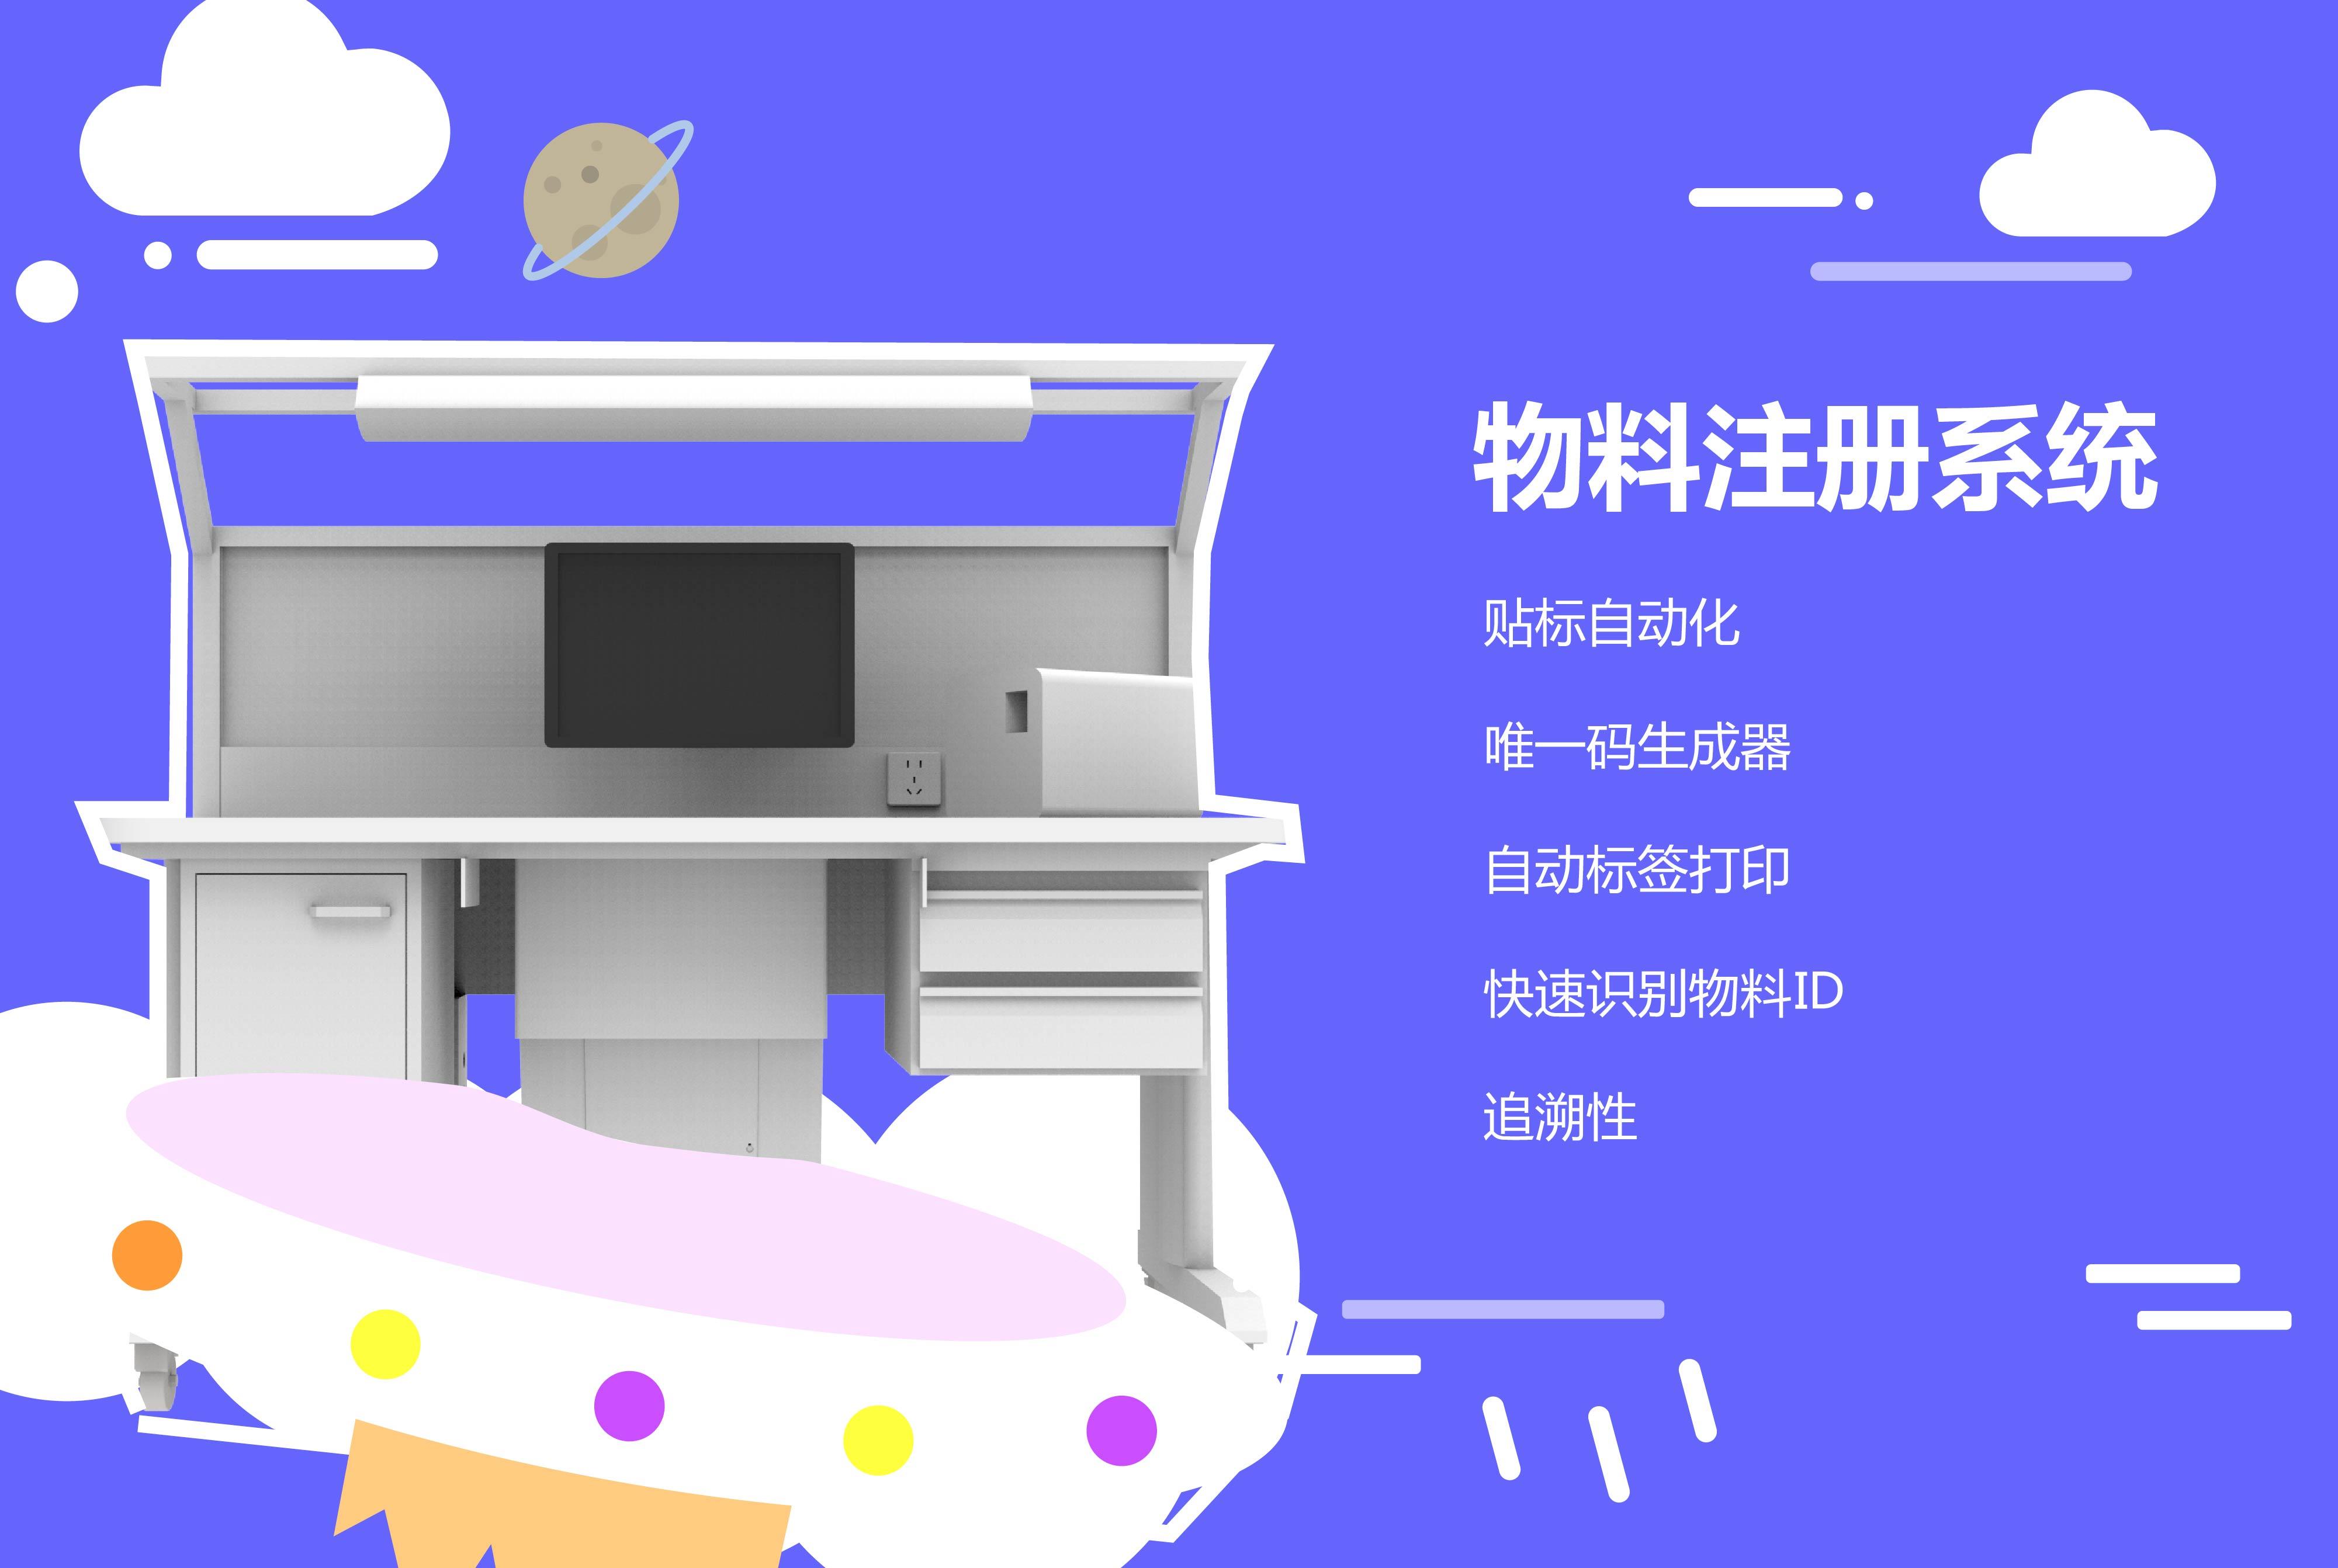 慕尼黑上海电子生产设备展,云料仓不缺席!